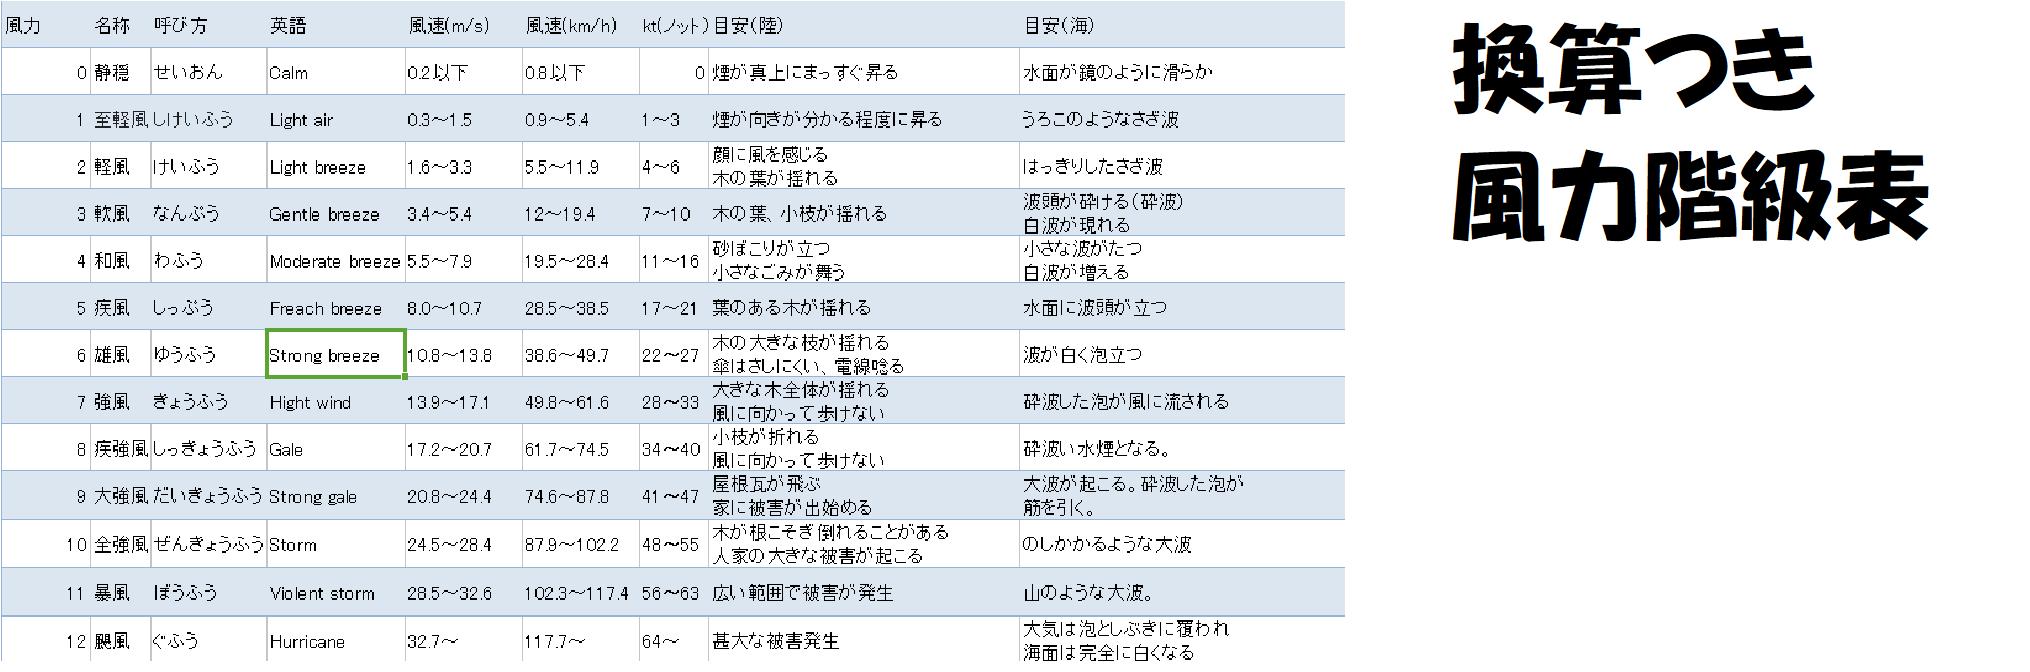 風力階級表